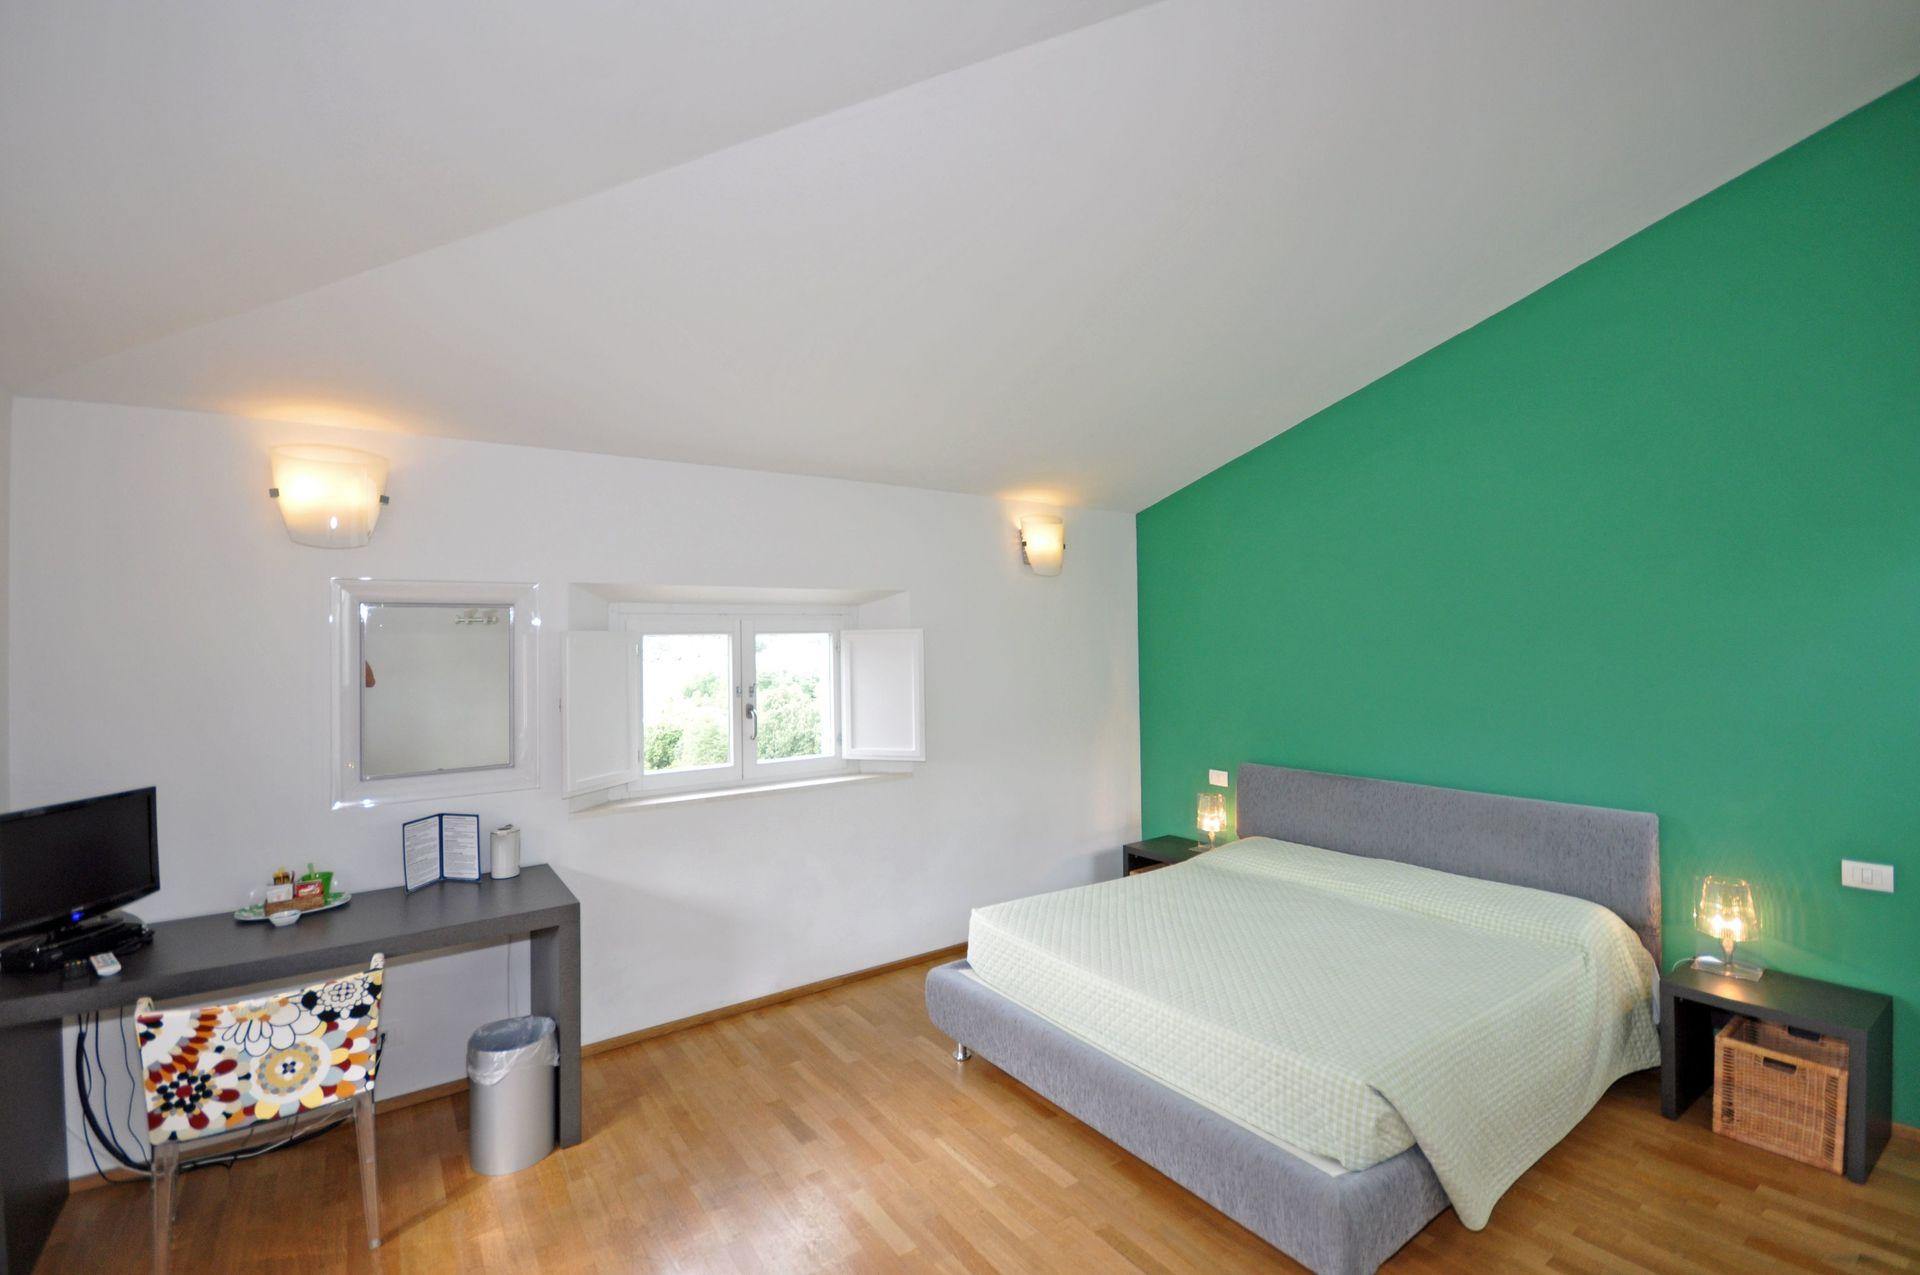 Casa peragna casa vacanze con 10 posti letto in 5 camere for Casa 5 camere da letto con cantina